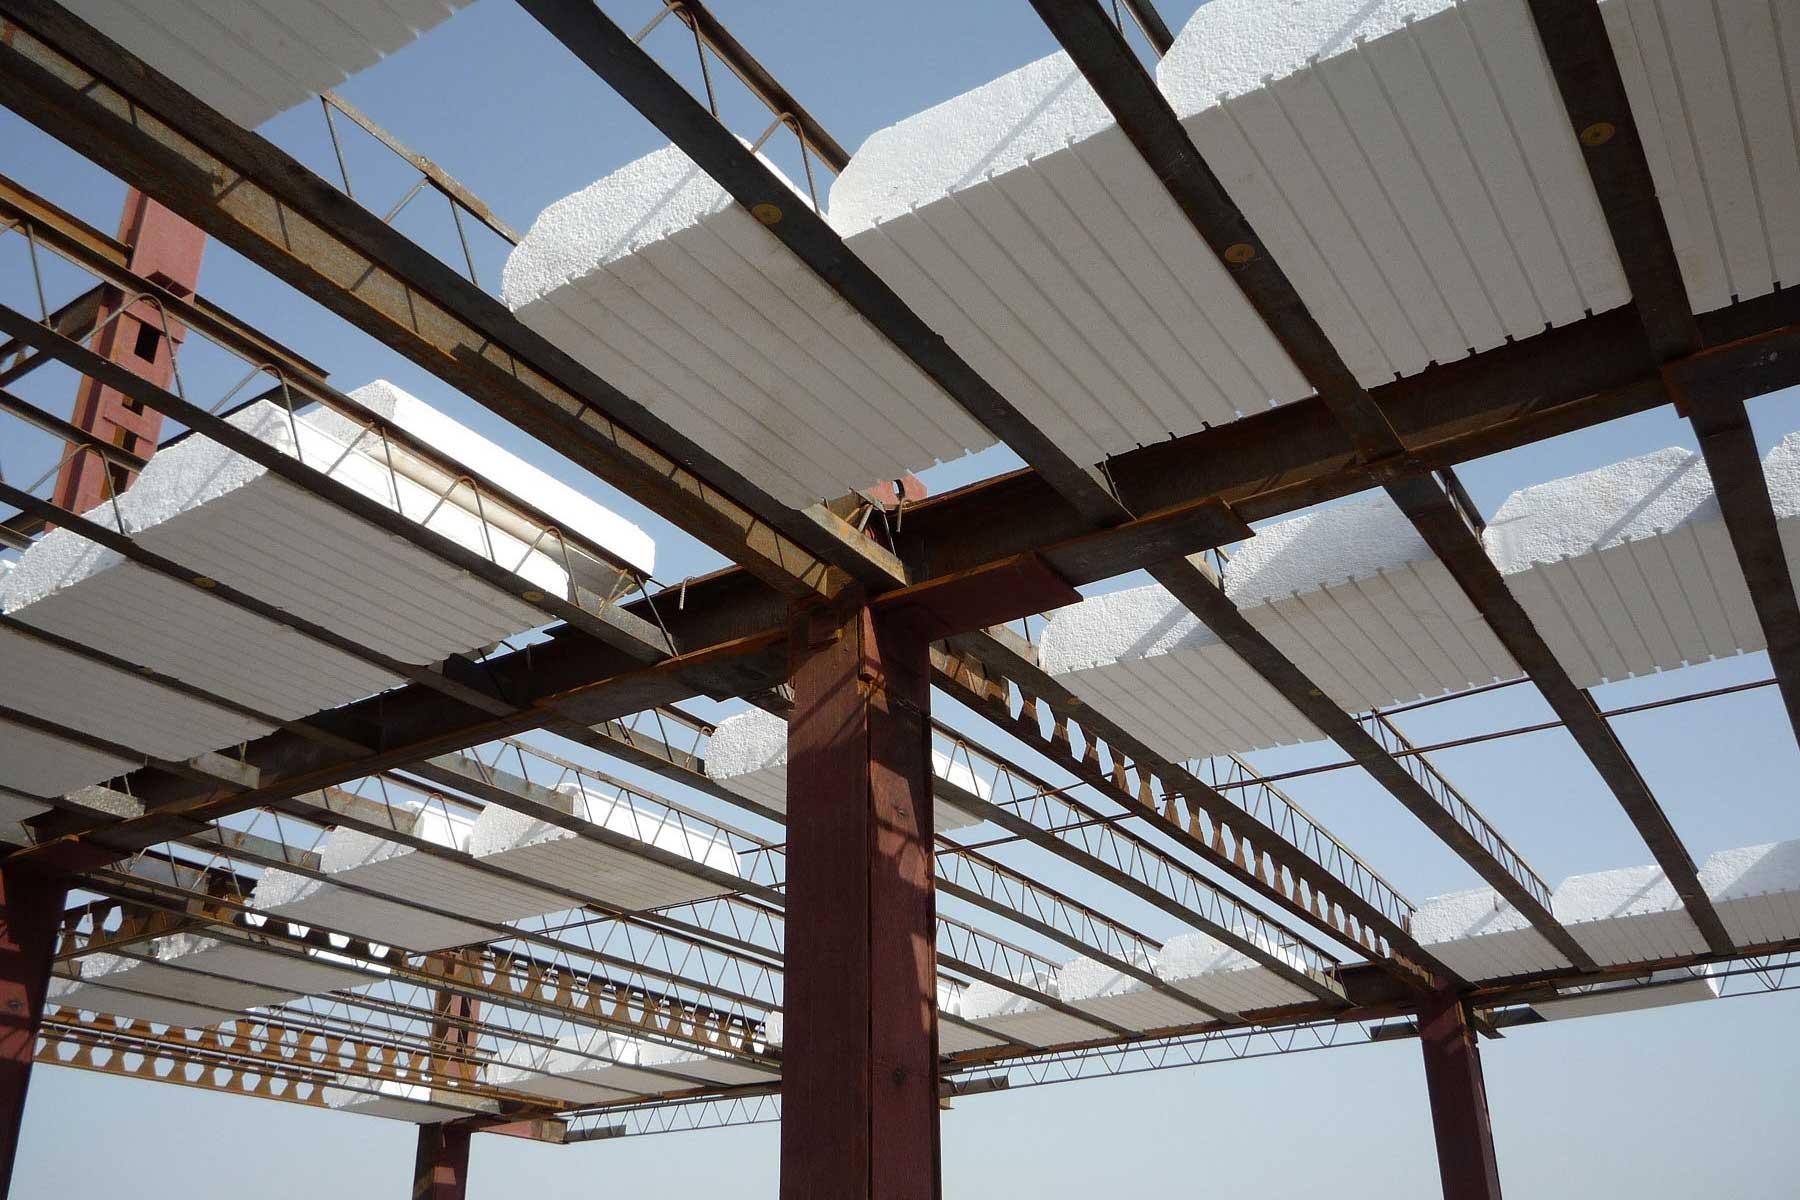 اجزای سقف تیرچه یونولیت استوارسازان